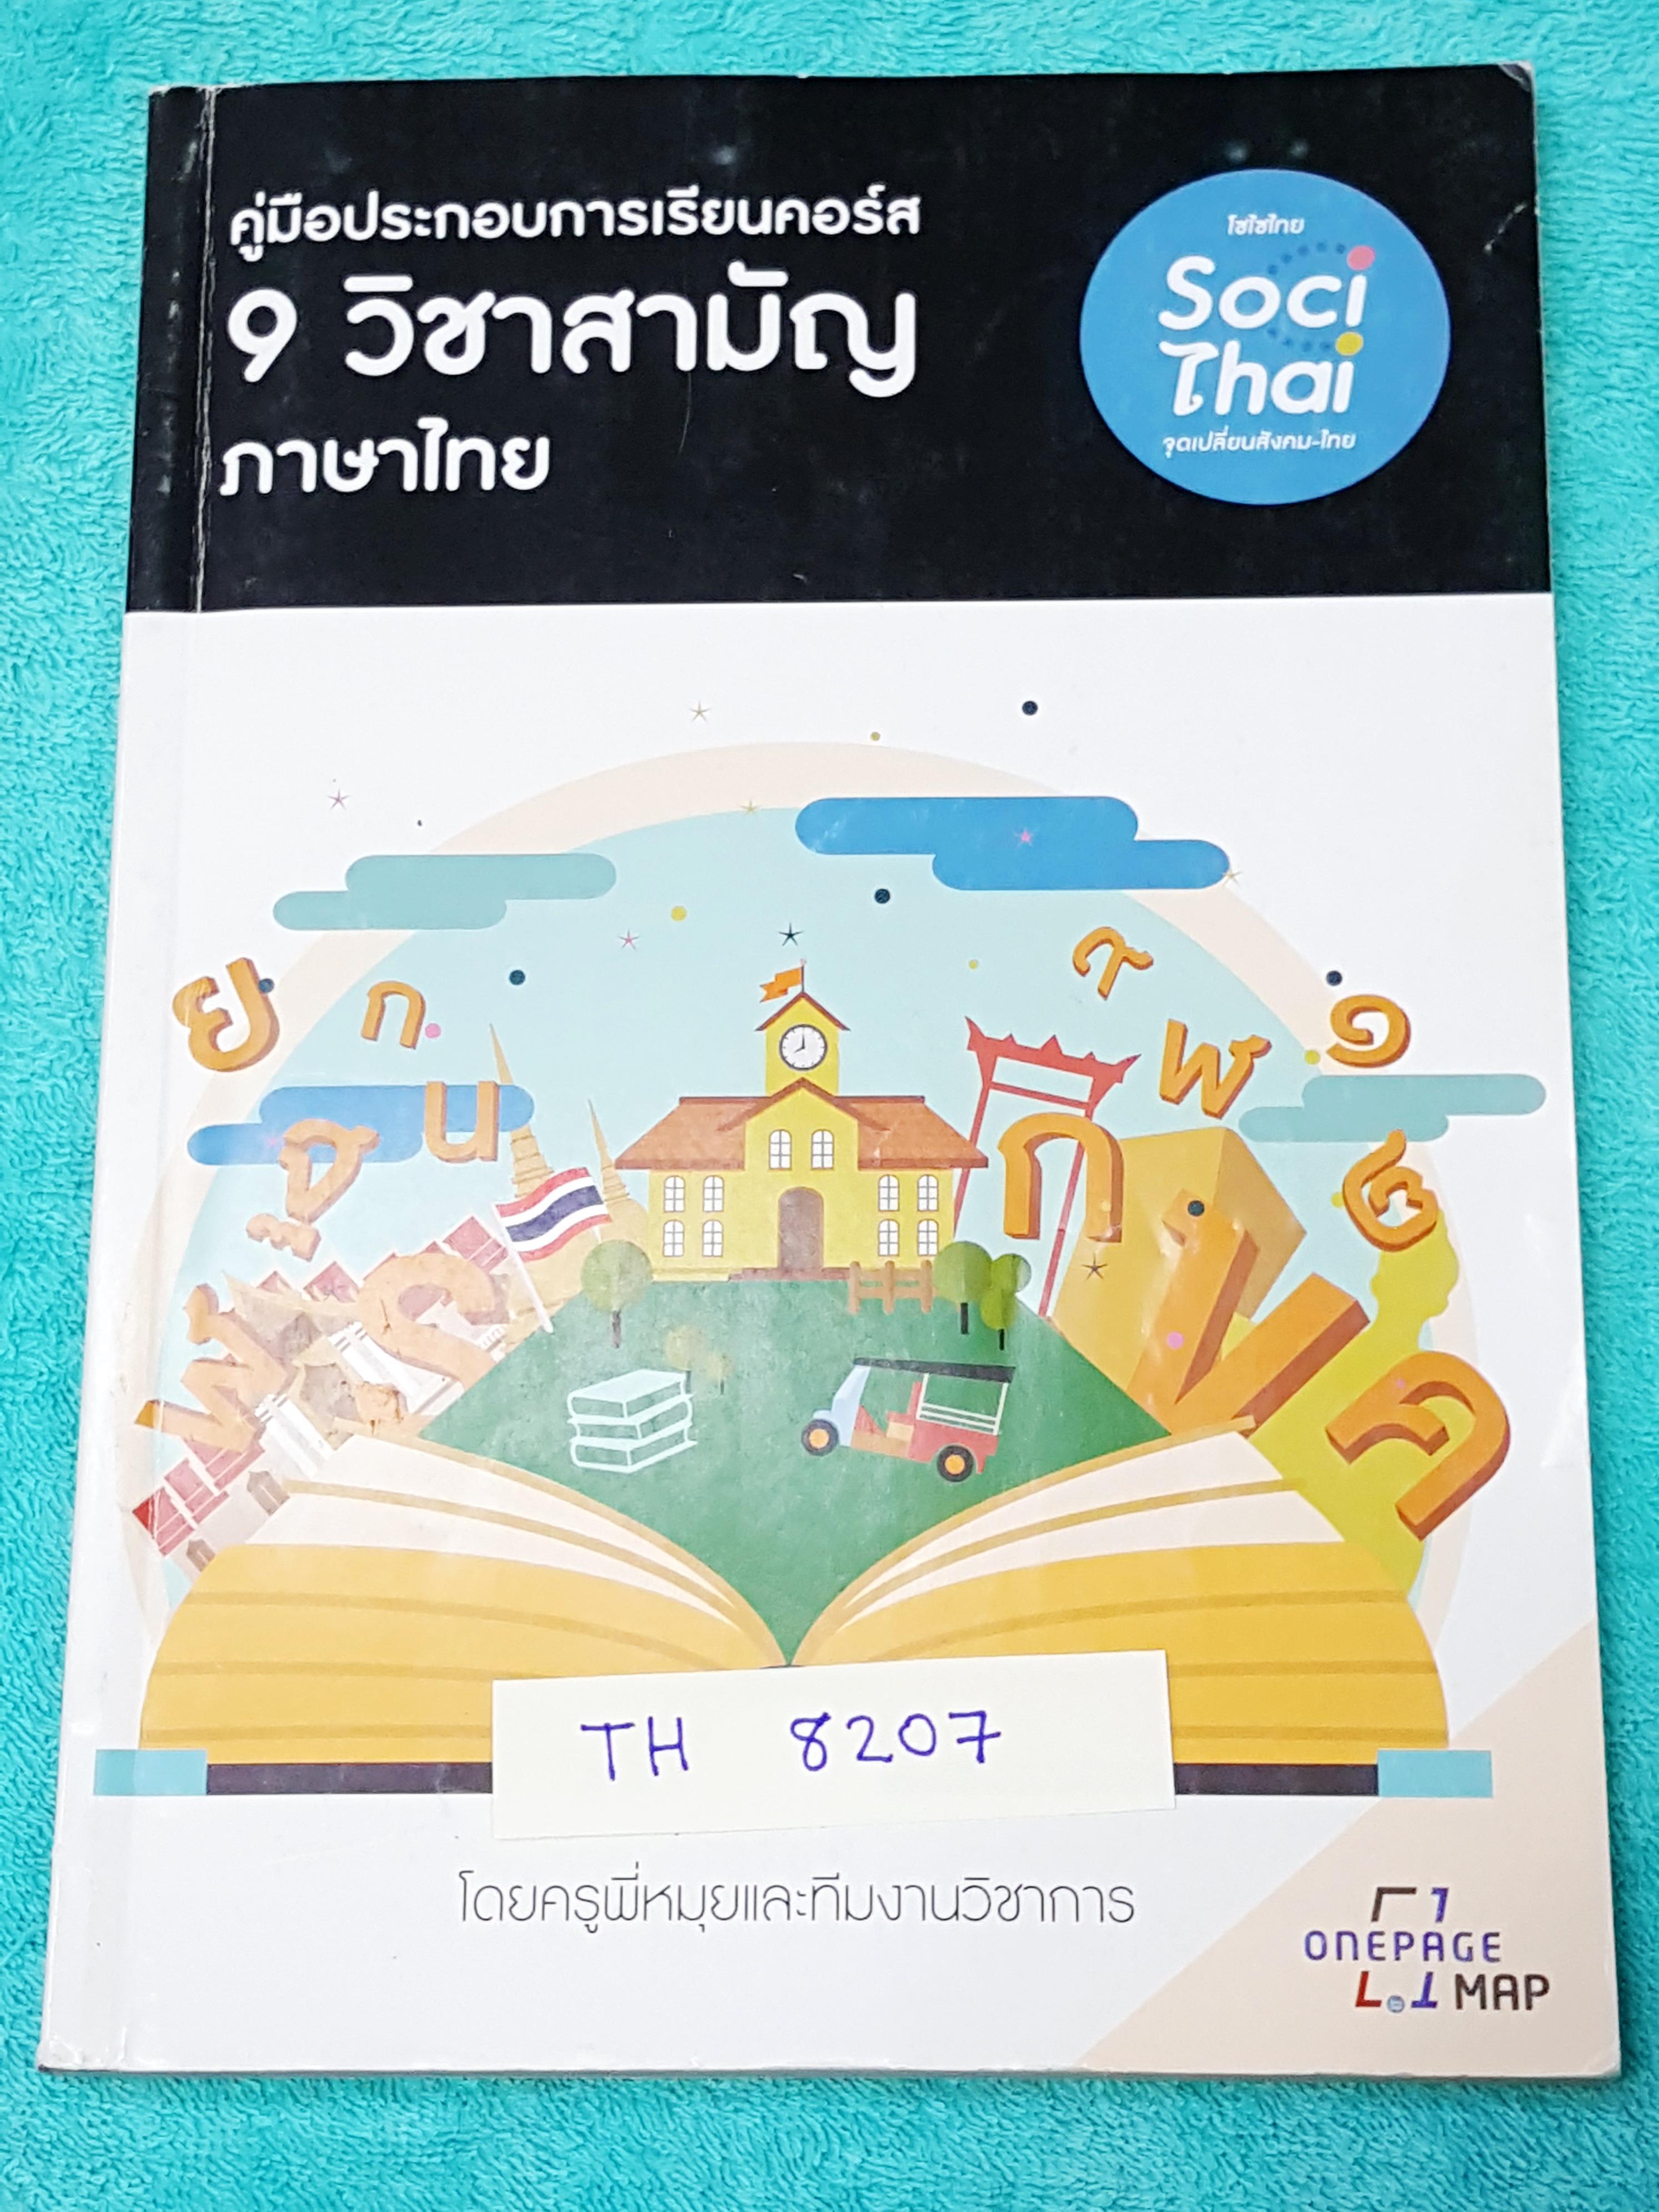 ►ครูพี่หมุย◄ TH 8207 วิชาภาษาไทย 9 วิชาสามัญ เล่ม One Page Map สรุปรวบยอด Mindmap เนื้อหาวิชาภาษาไทย ม.ปลาย อ่านแล้วเก็ทไอเดียง่าย ครอบคลุมเนื้อหาทุกเรื่อง พี่หมุยแตก Mindmap ละเอียด ทำให้จับประเด็นและแนวข้อสอบได้ง่าย อ่านเข้าใจง่าย มีจดเฉลยแบบฝึกหัดครบทุ